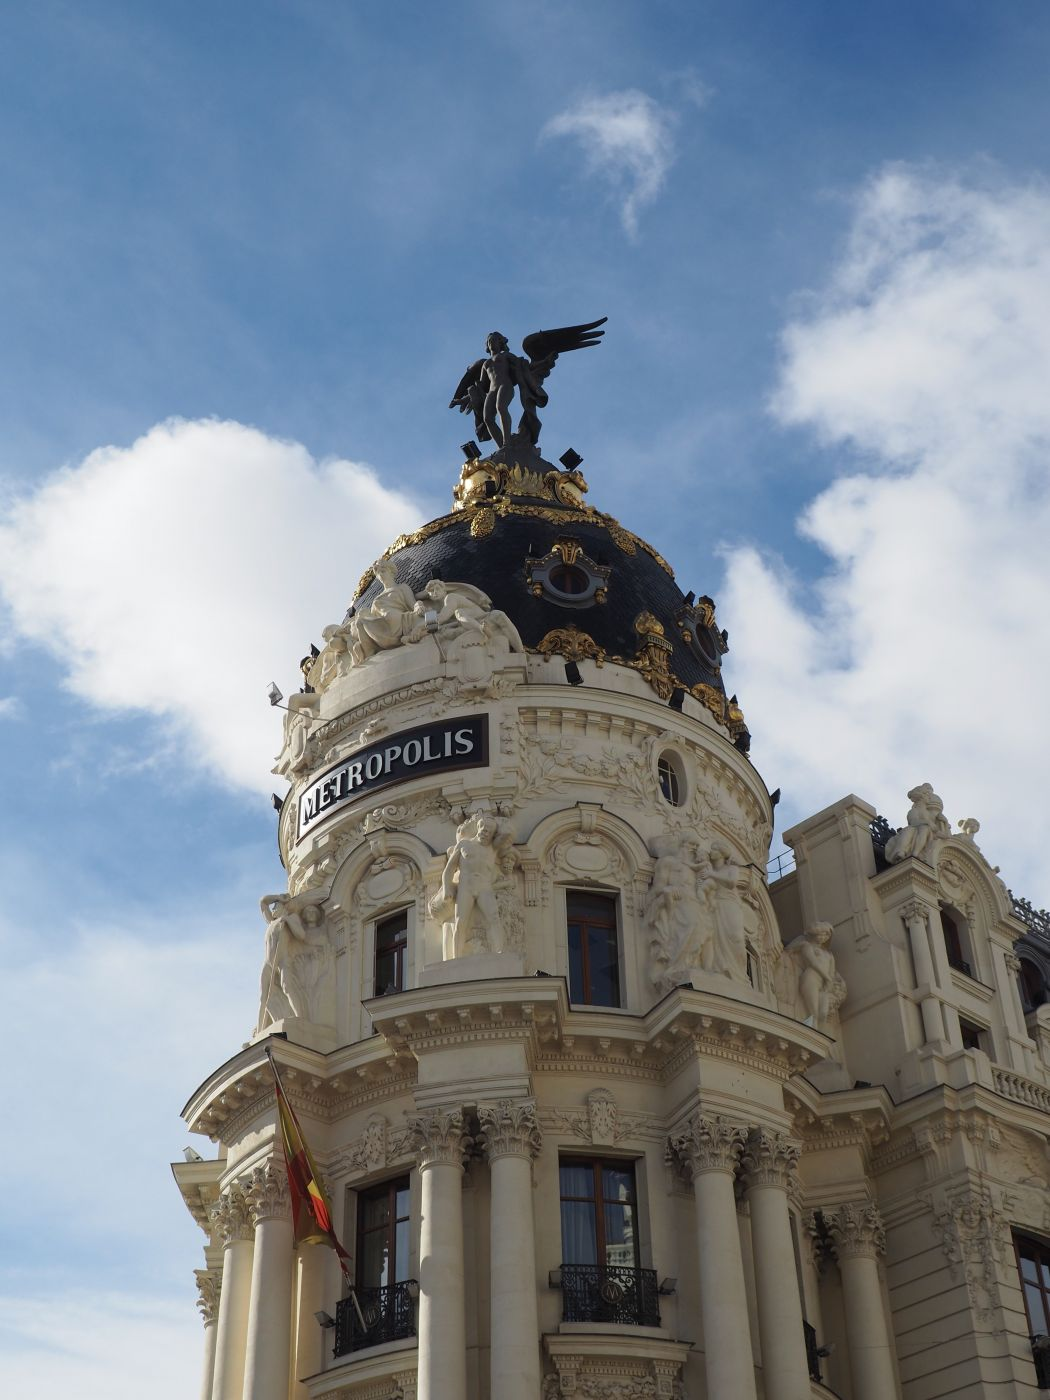 Metropolis, Spain